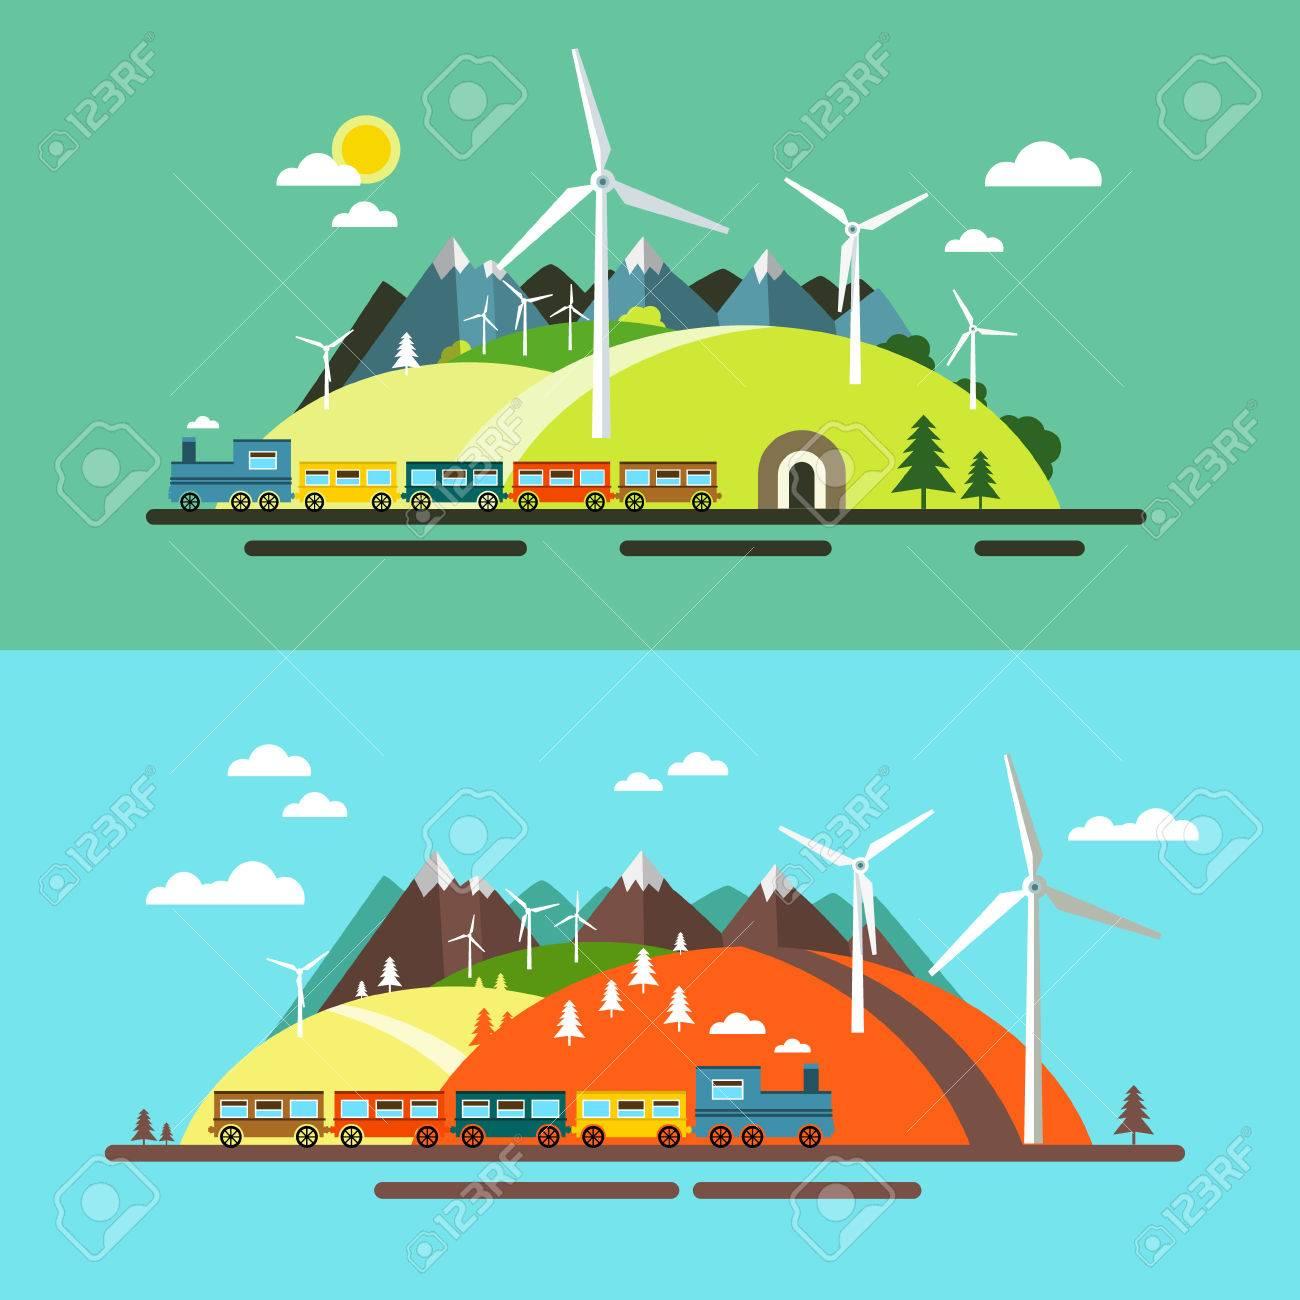 Paisaje Con El Tren. Resumen Plana Diseño Escena De La Naturaleza ...